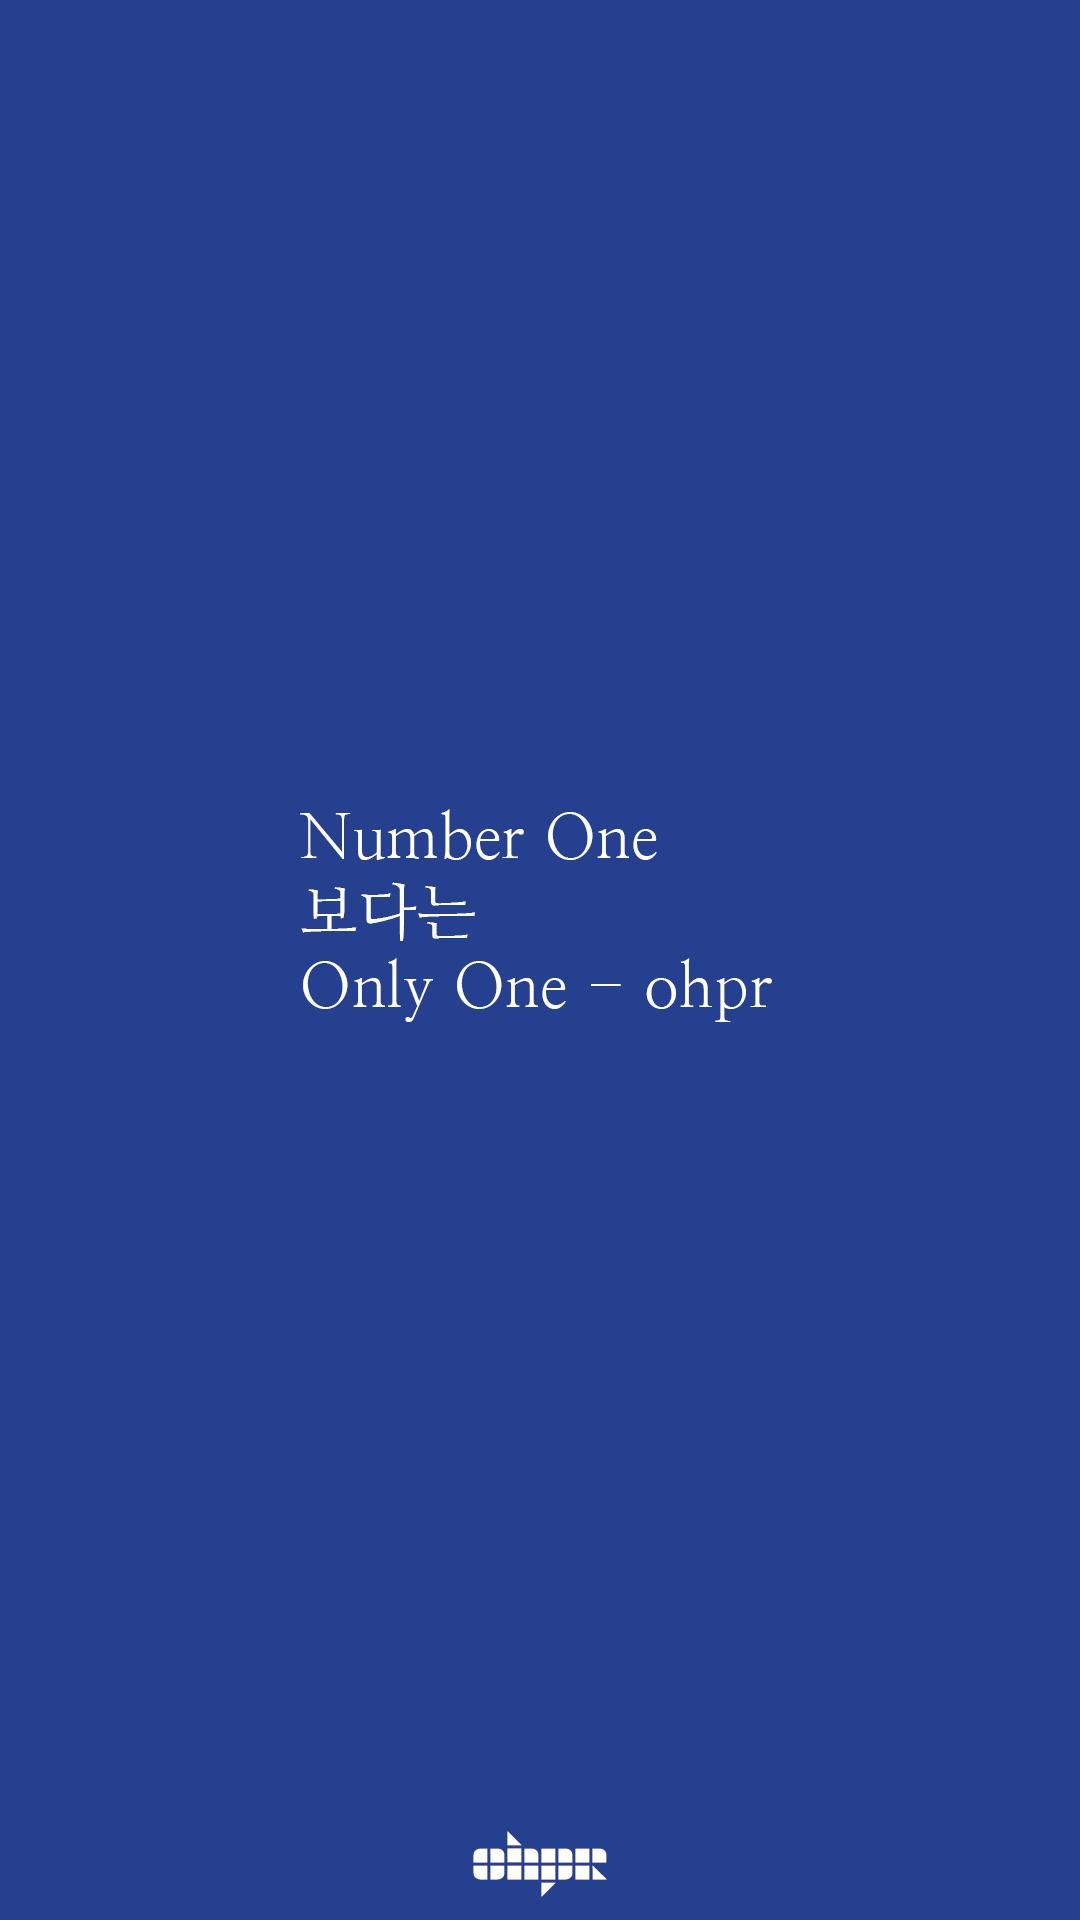 ohpr_wording8